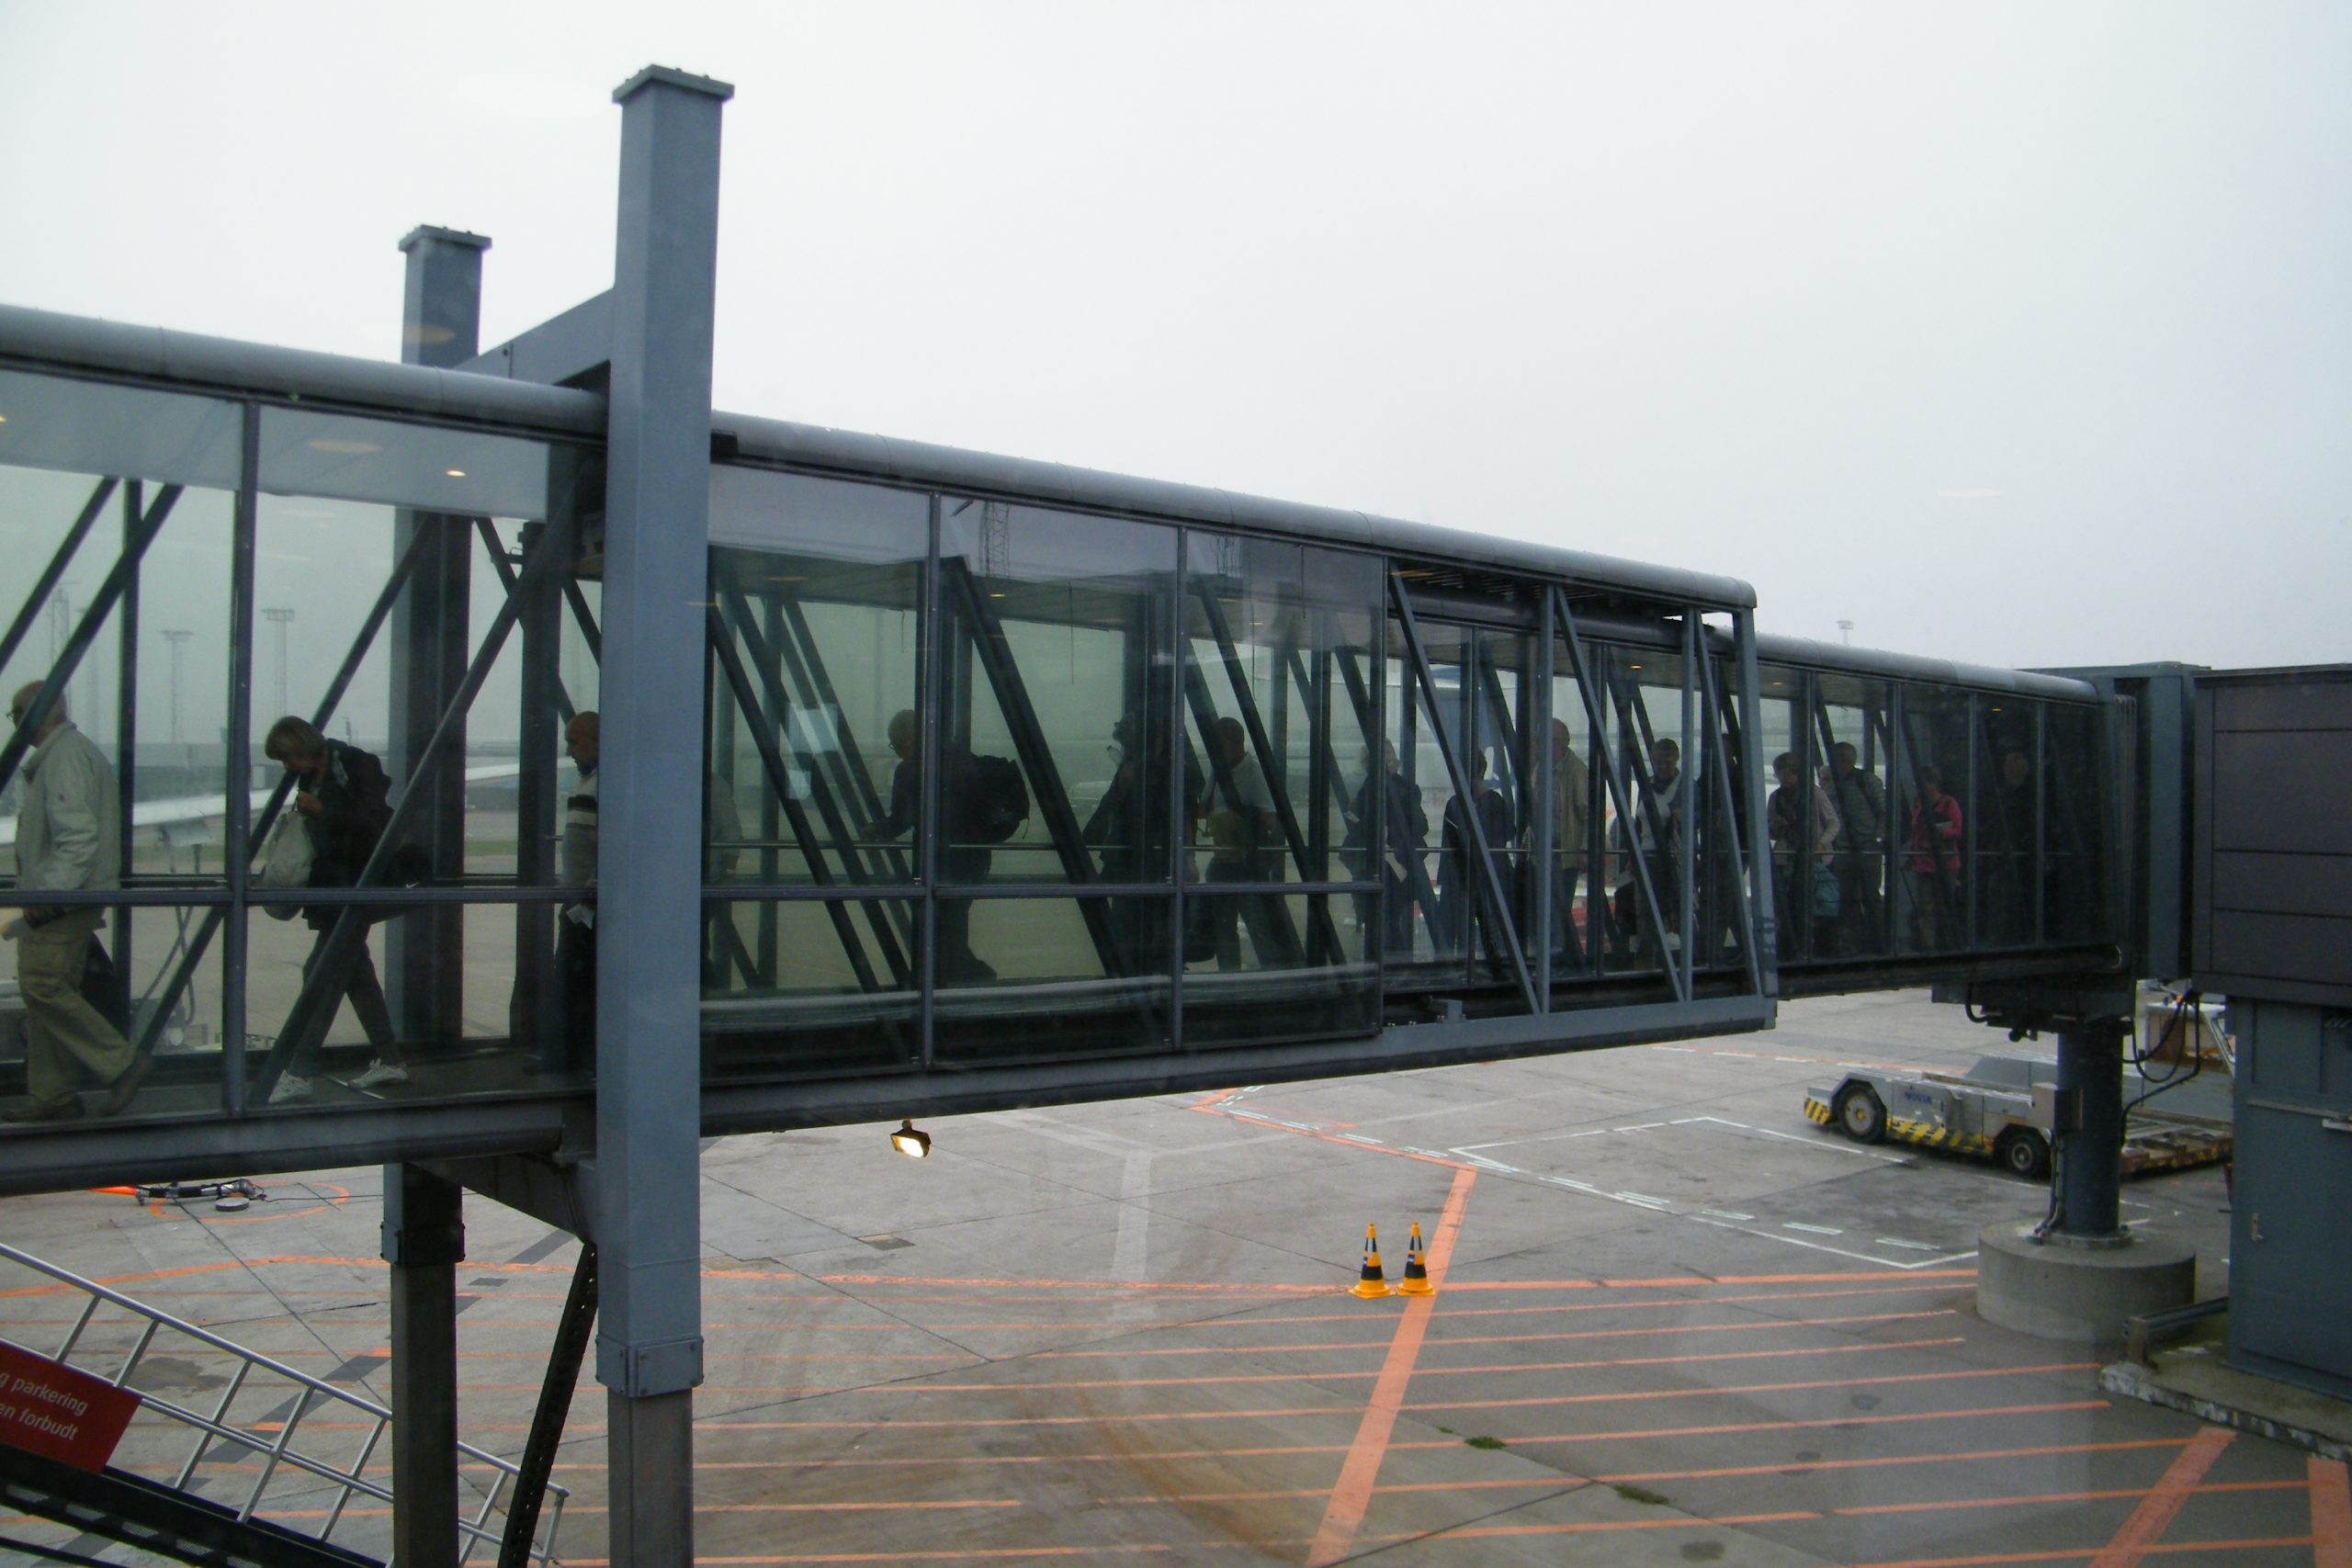 Rejsevejledninger og andre restriktioner har nærmest lukket omsætningen i rejsebureauerne, som derfor som andre dele af rejsebranchen har brug for ekstra offentlige støttepakker. Arkivfoto fra Københavns Lufthavn, Henrik Baumgarten.